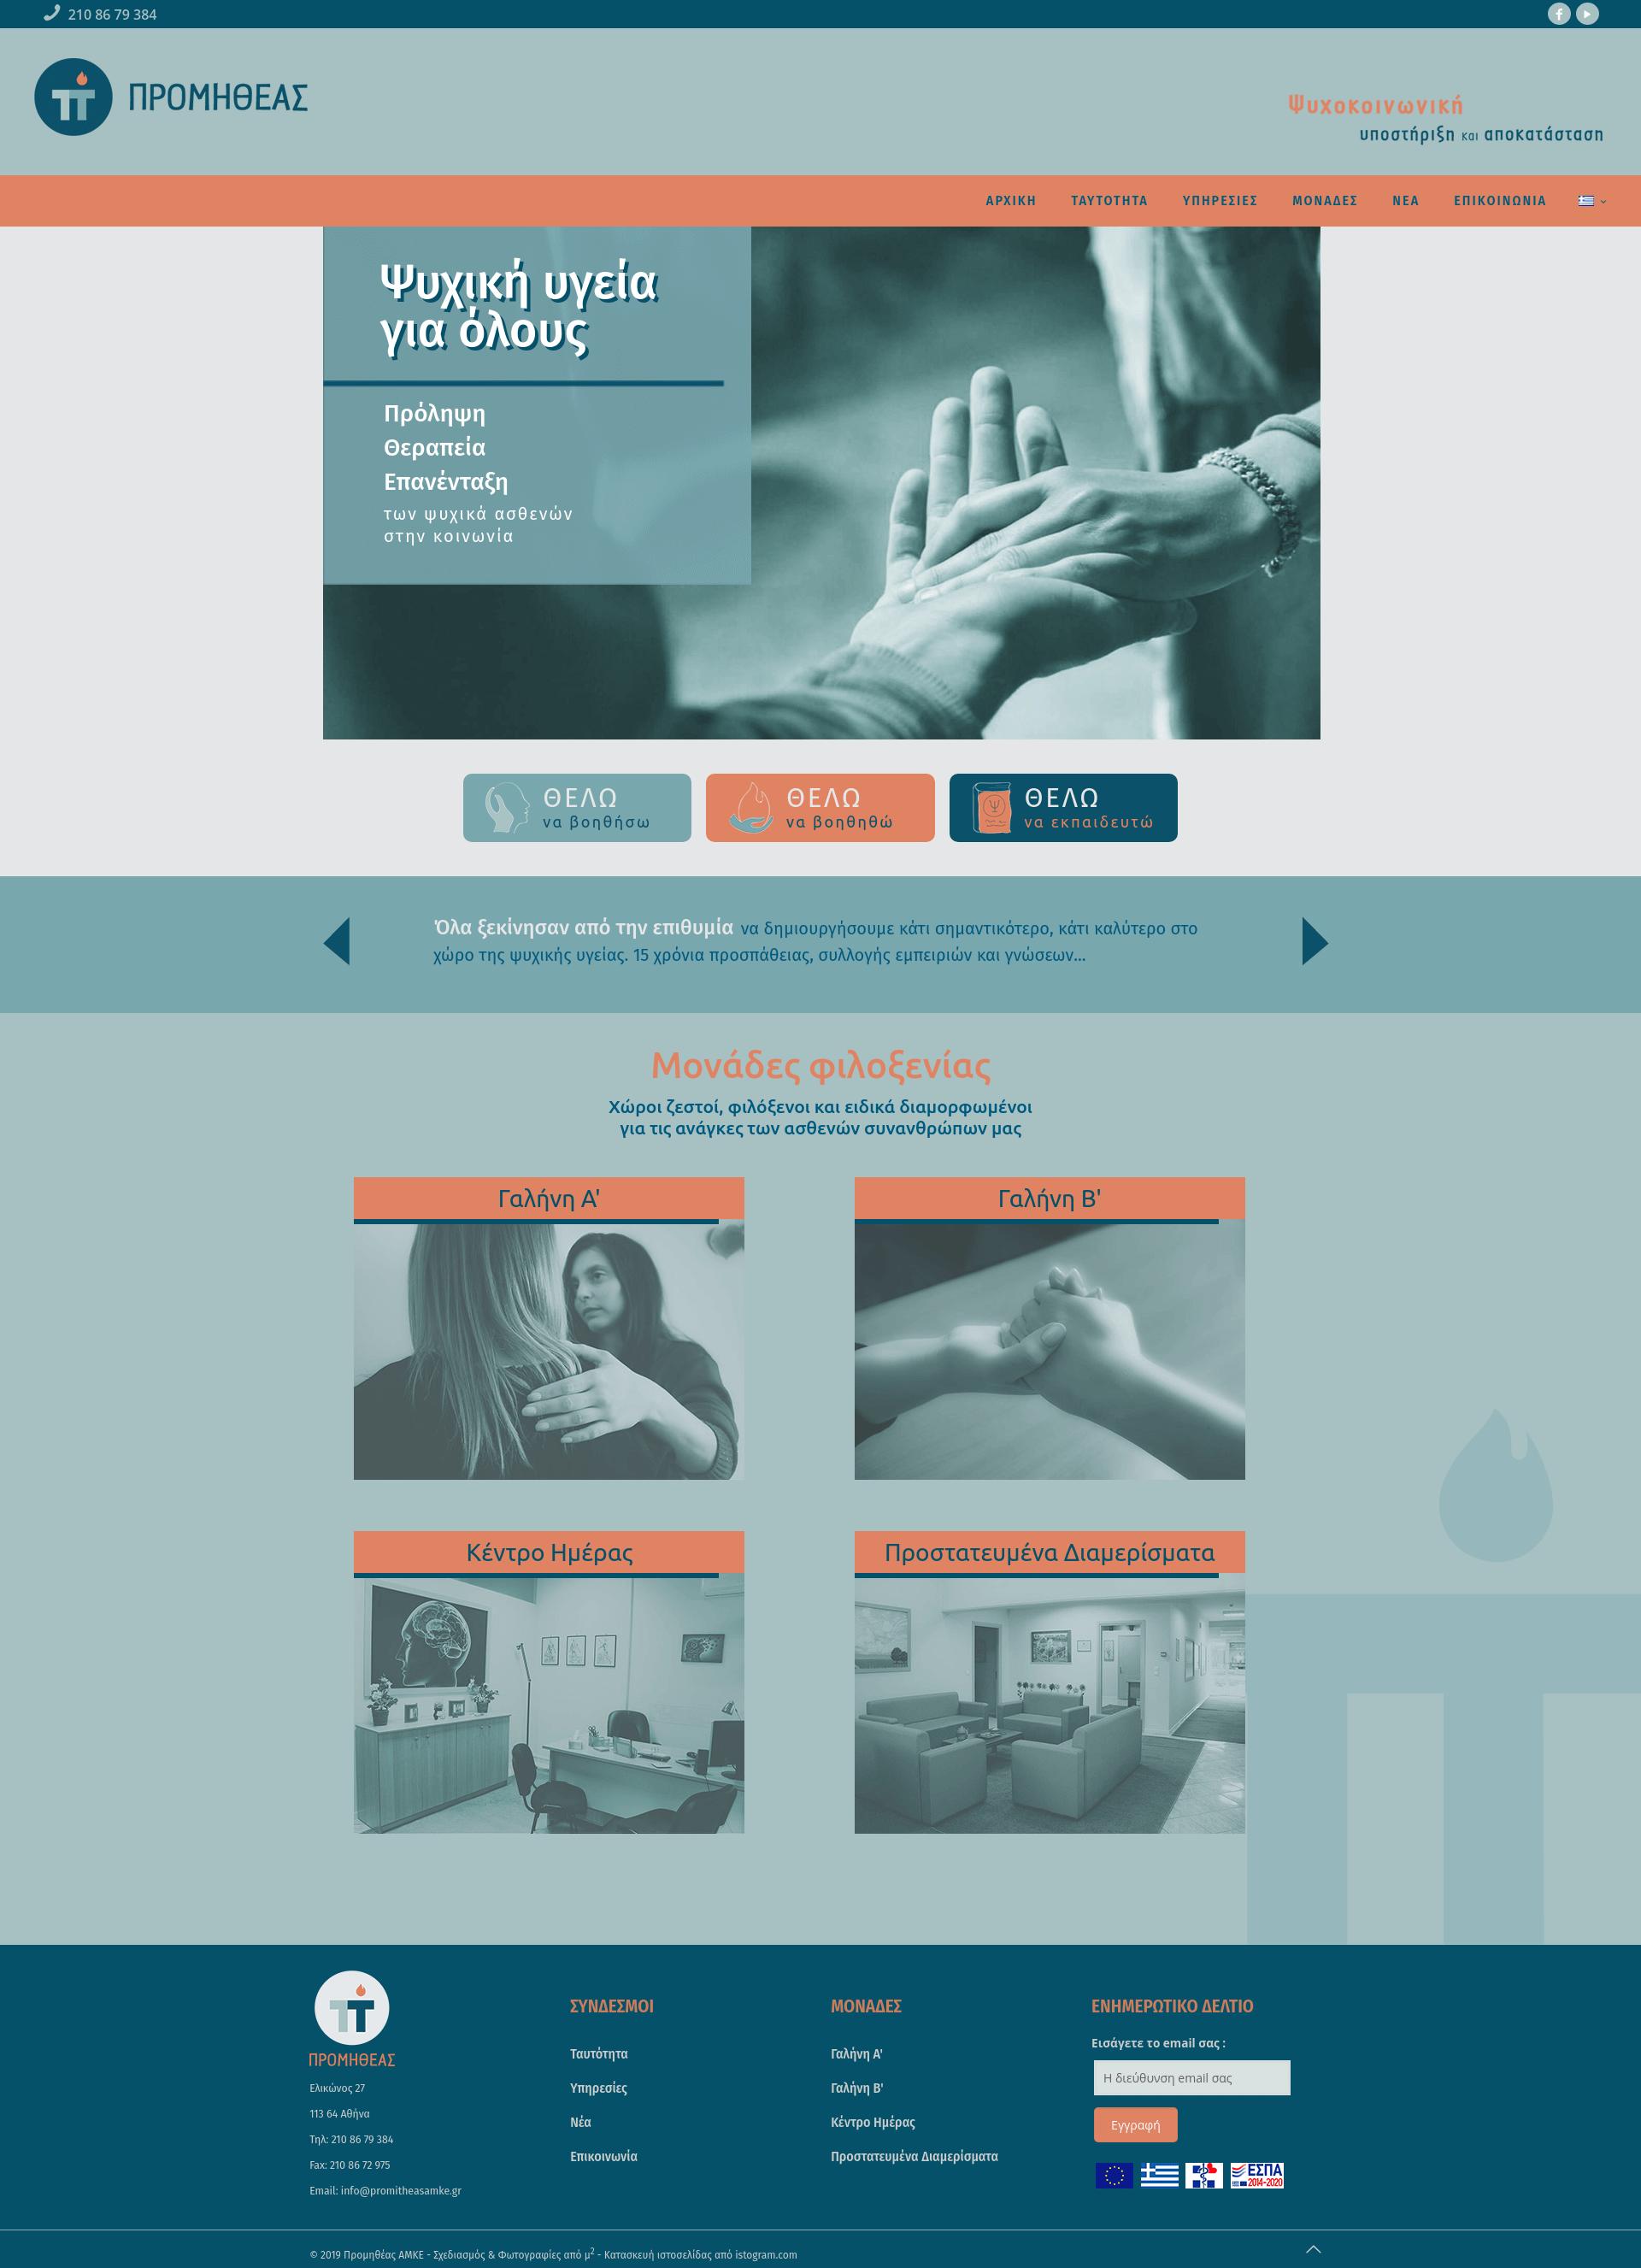 Κατασκευή ιστοσελίδας promitheasamke.gr